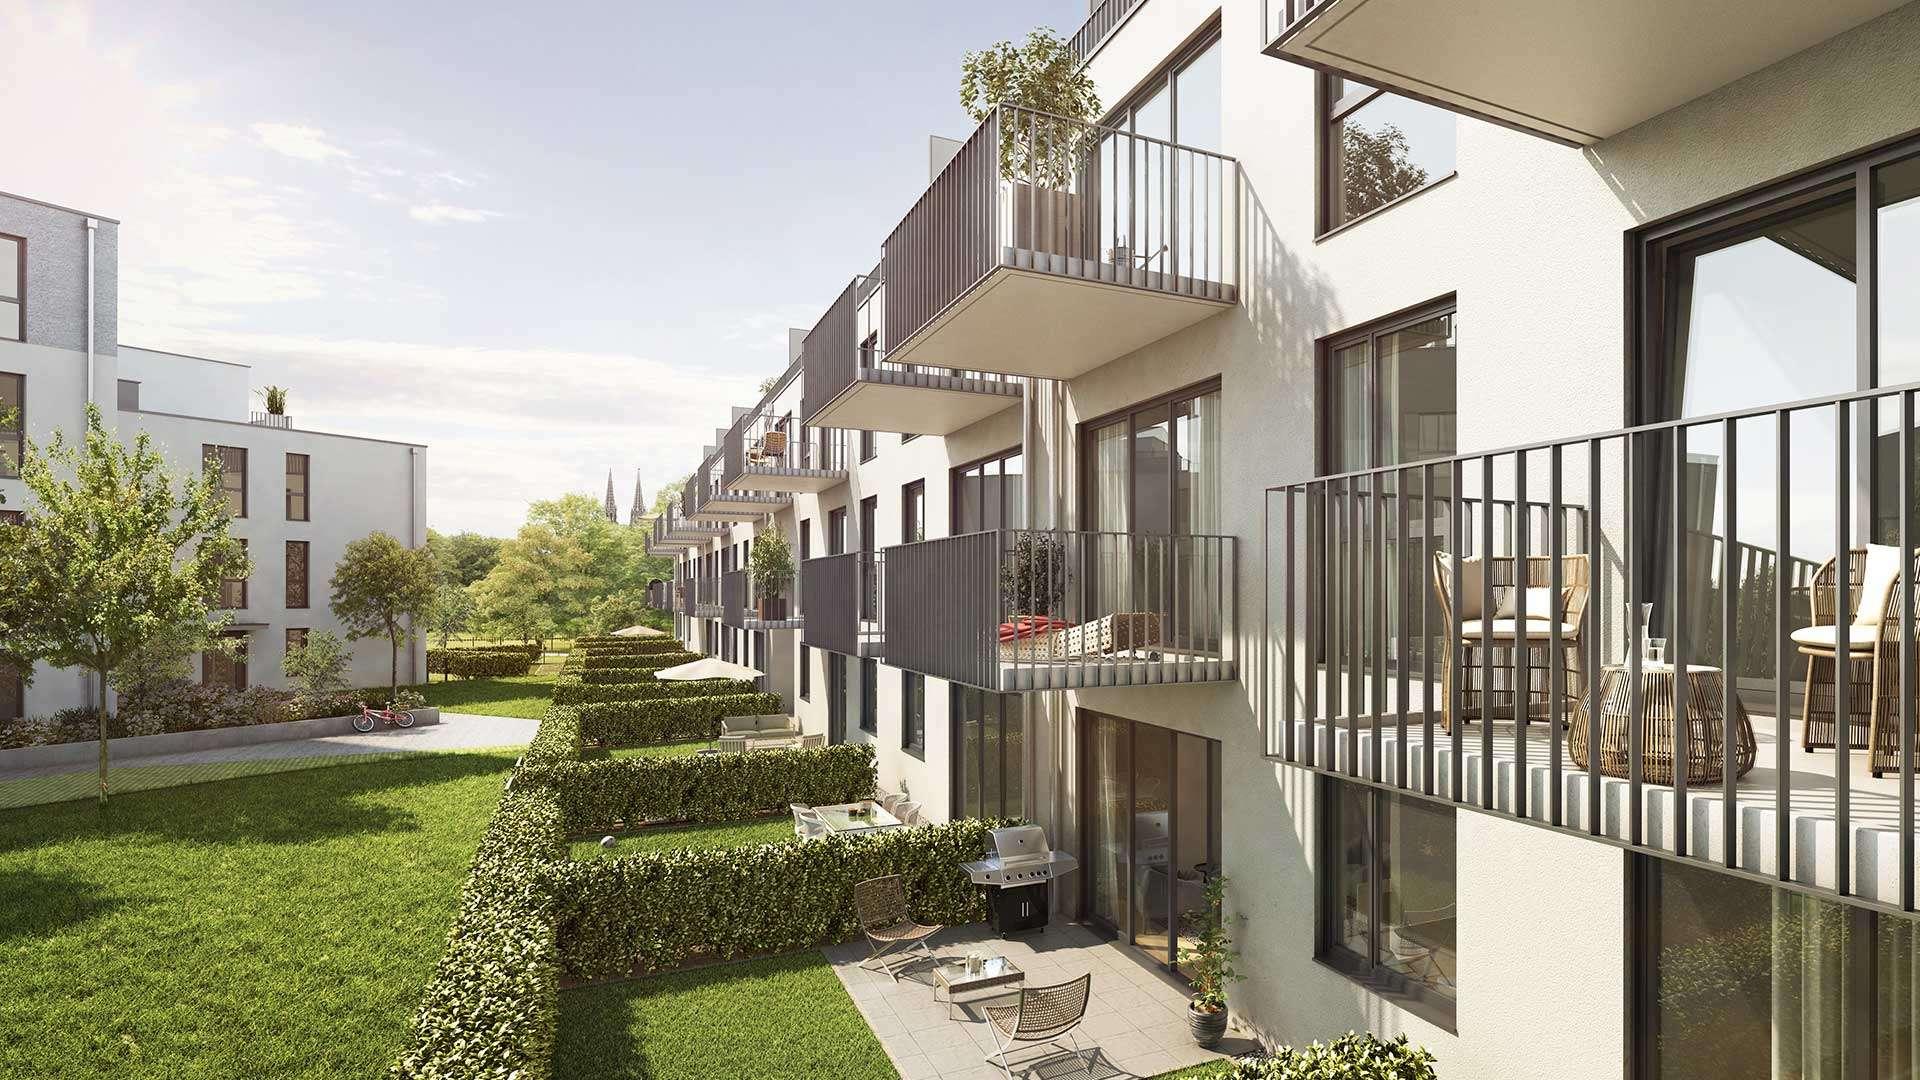 1-Zimmer-Wohnung mit Süd-/Westbalkon und Einbauküche - Neubau - Erstbezug in